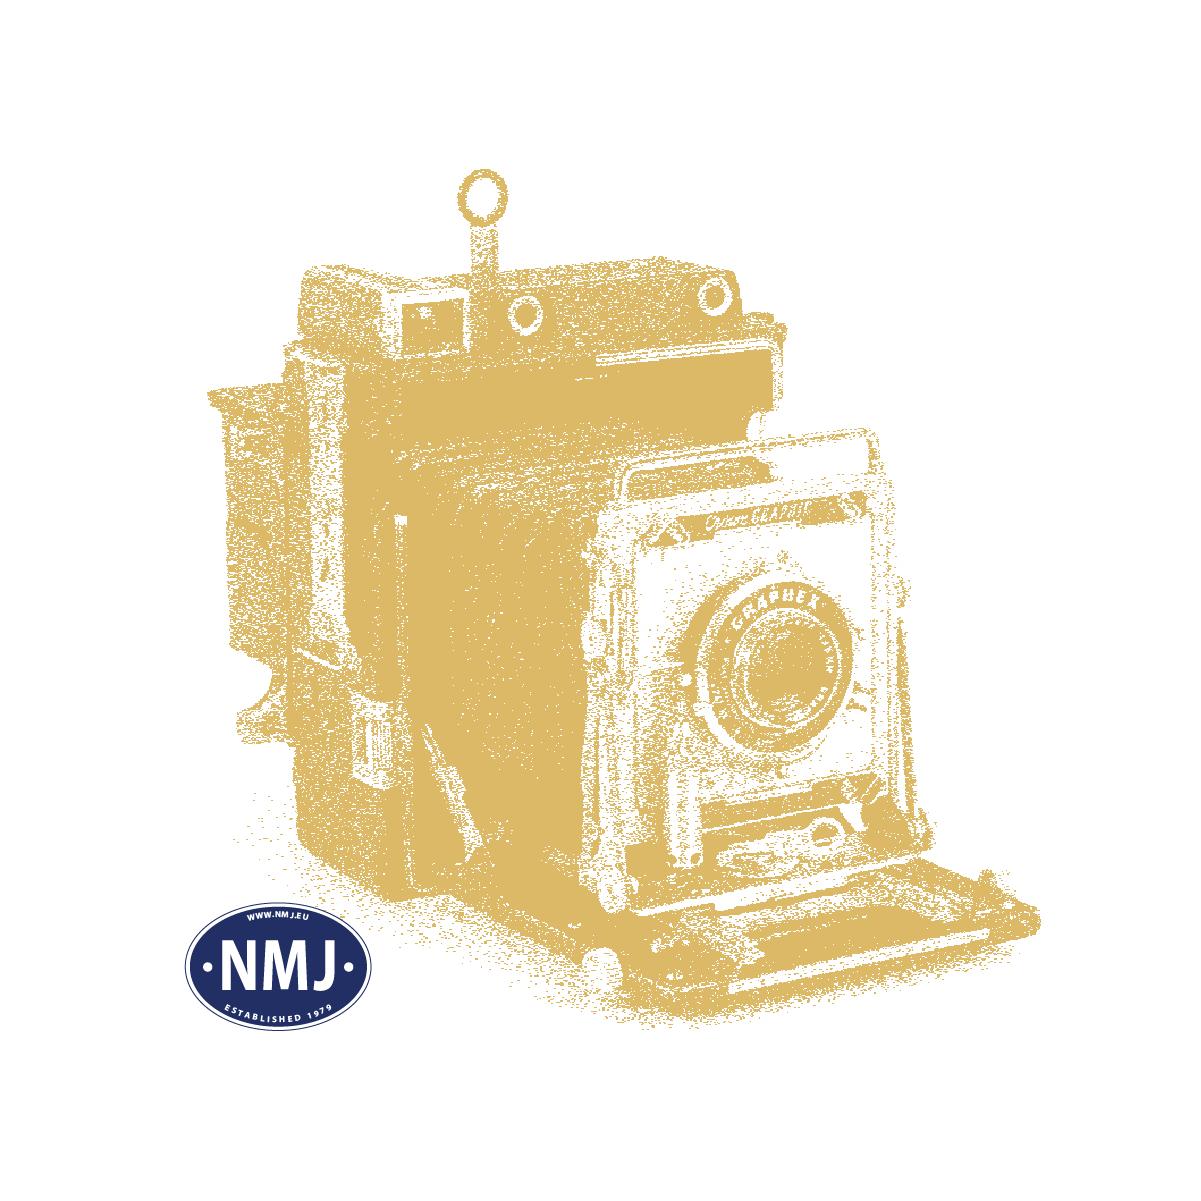 NMJT90604 - NMJ Topline CLR V170 1151, DC